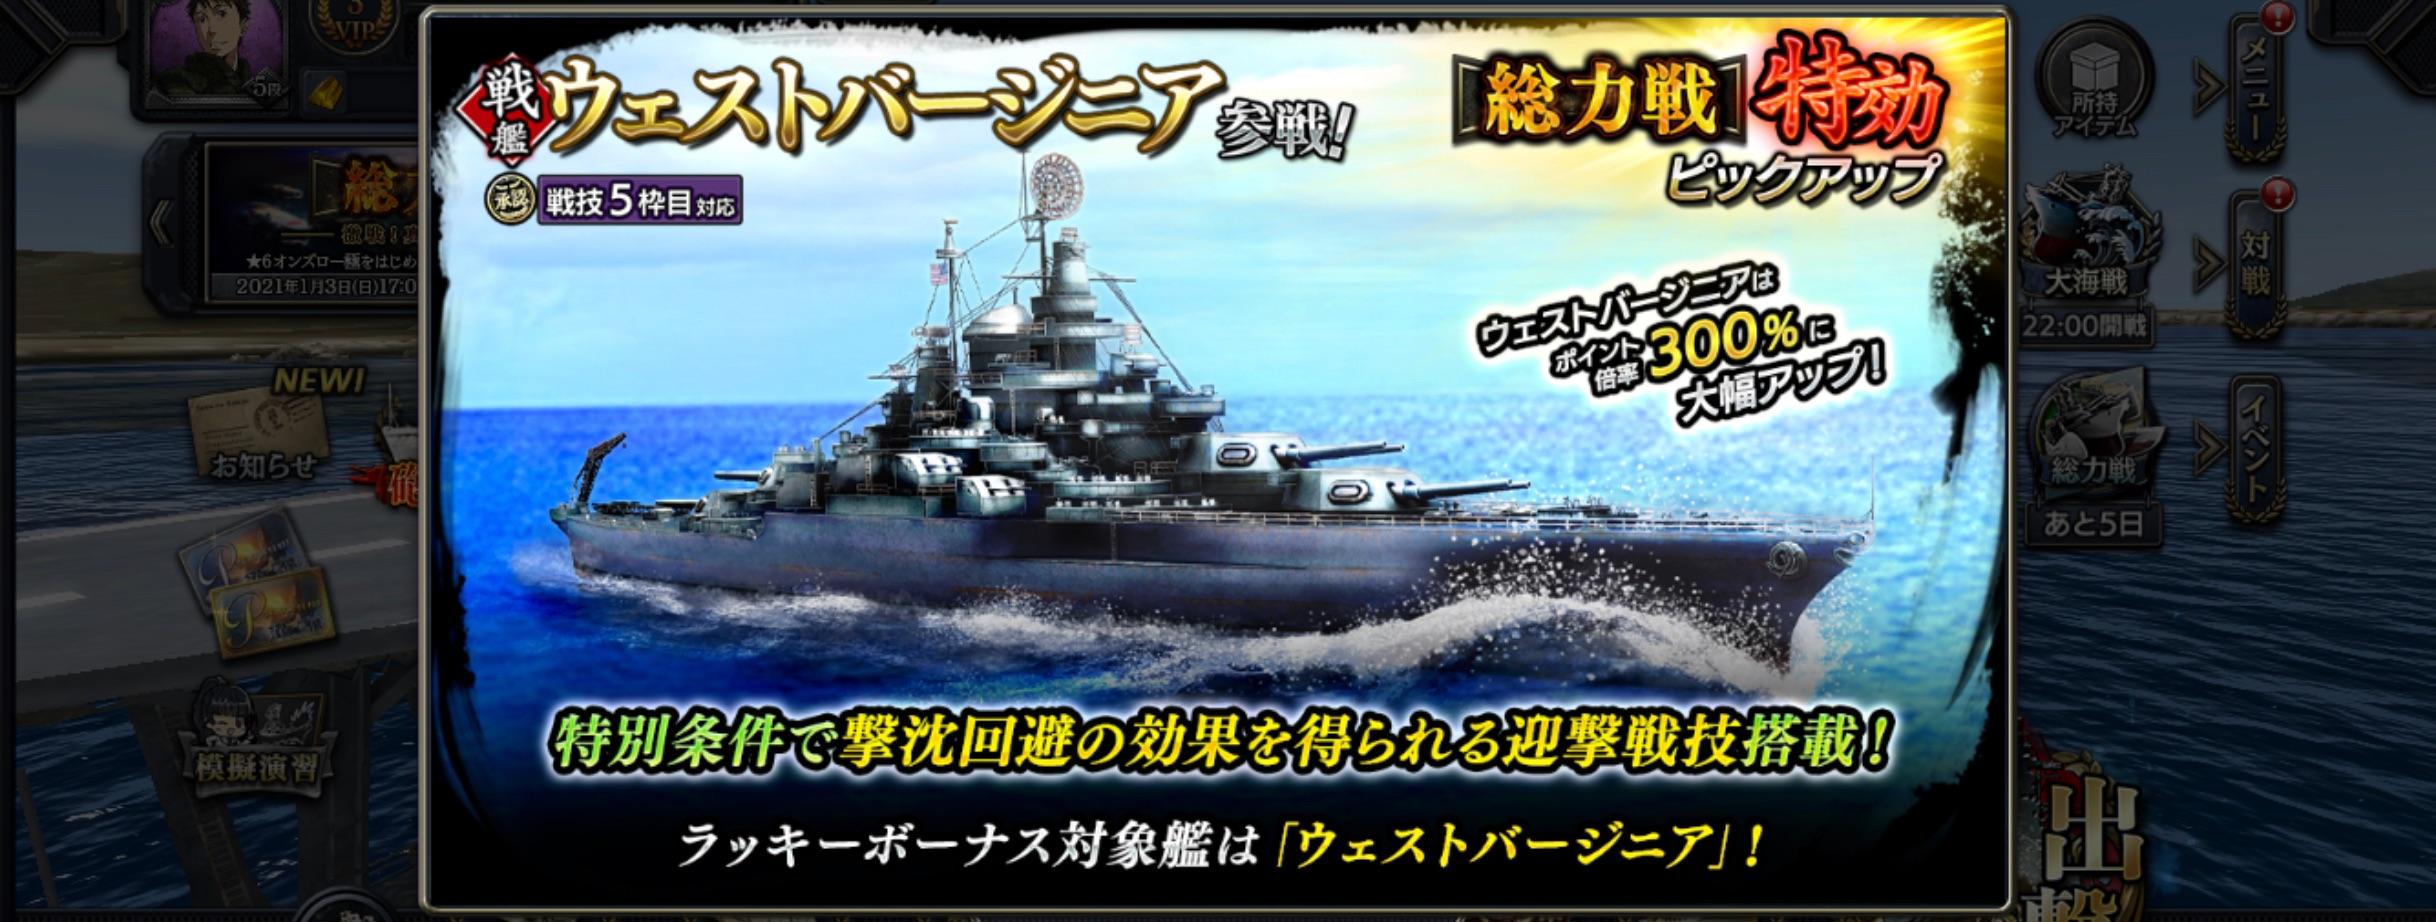 battleship-WestV